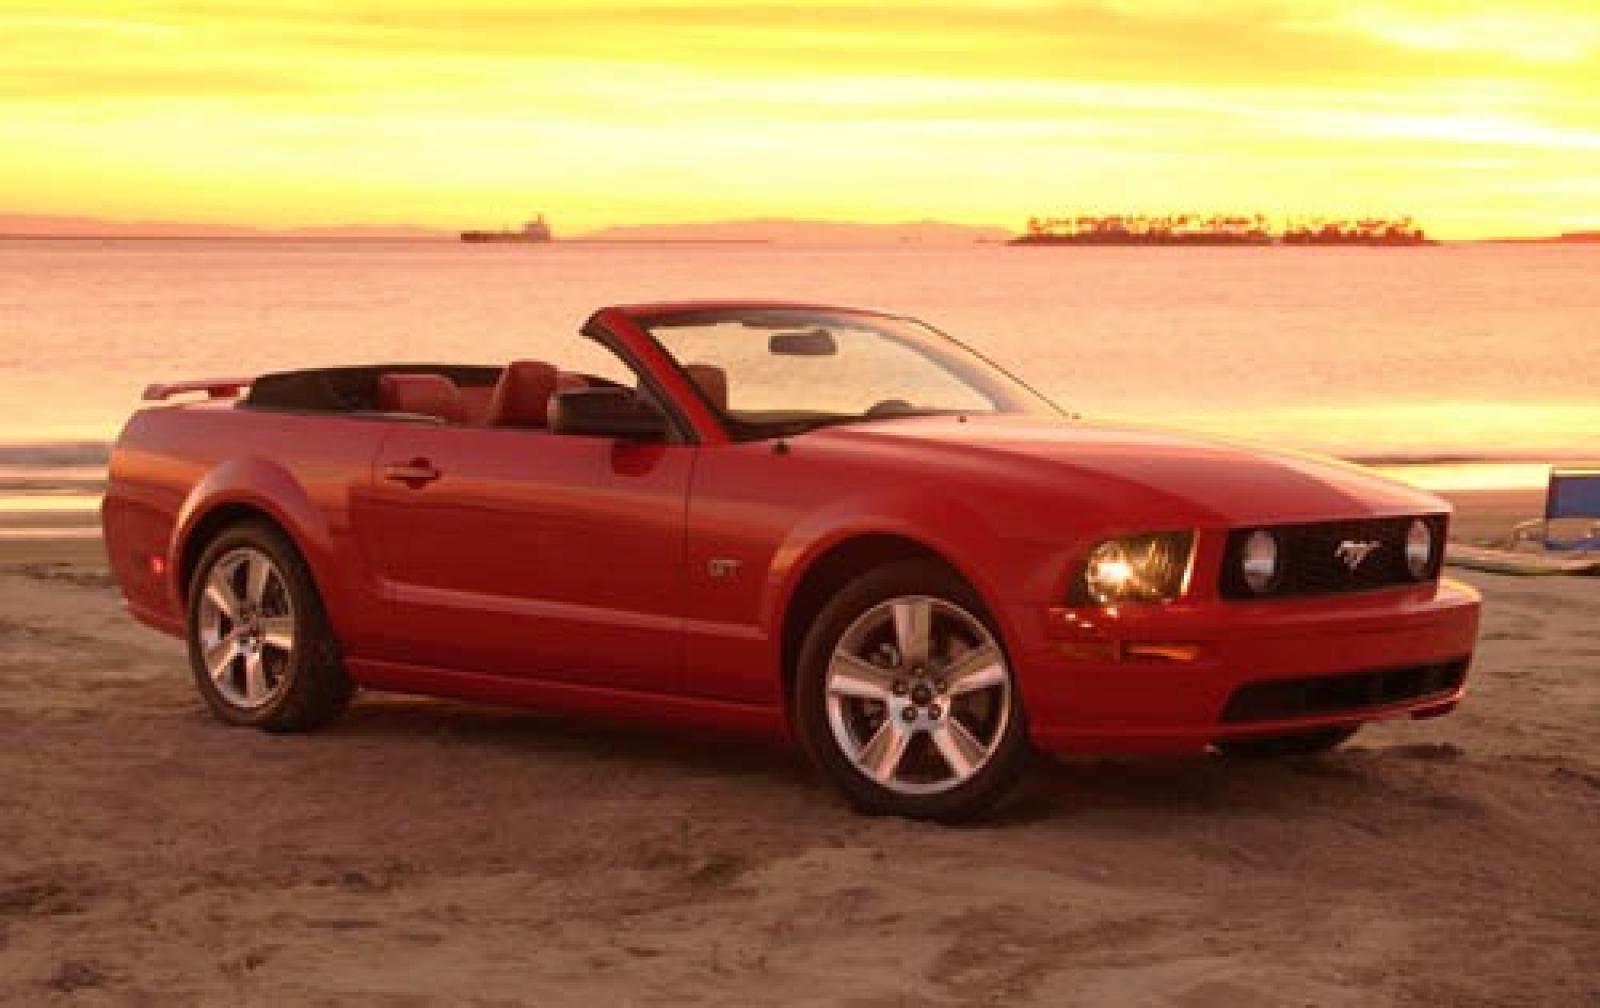 800 1024 1280 1600 origin 2006 ford mustang